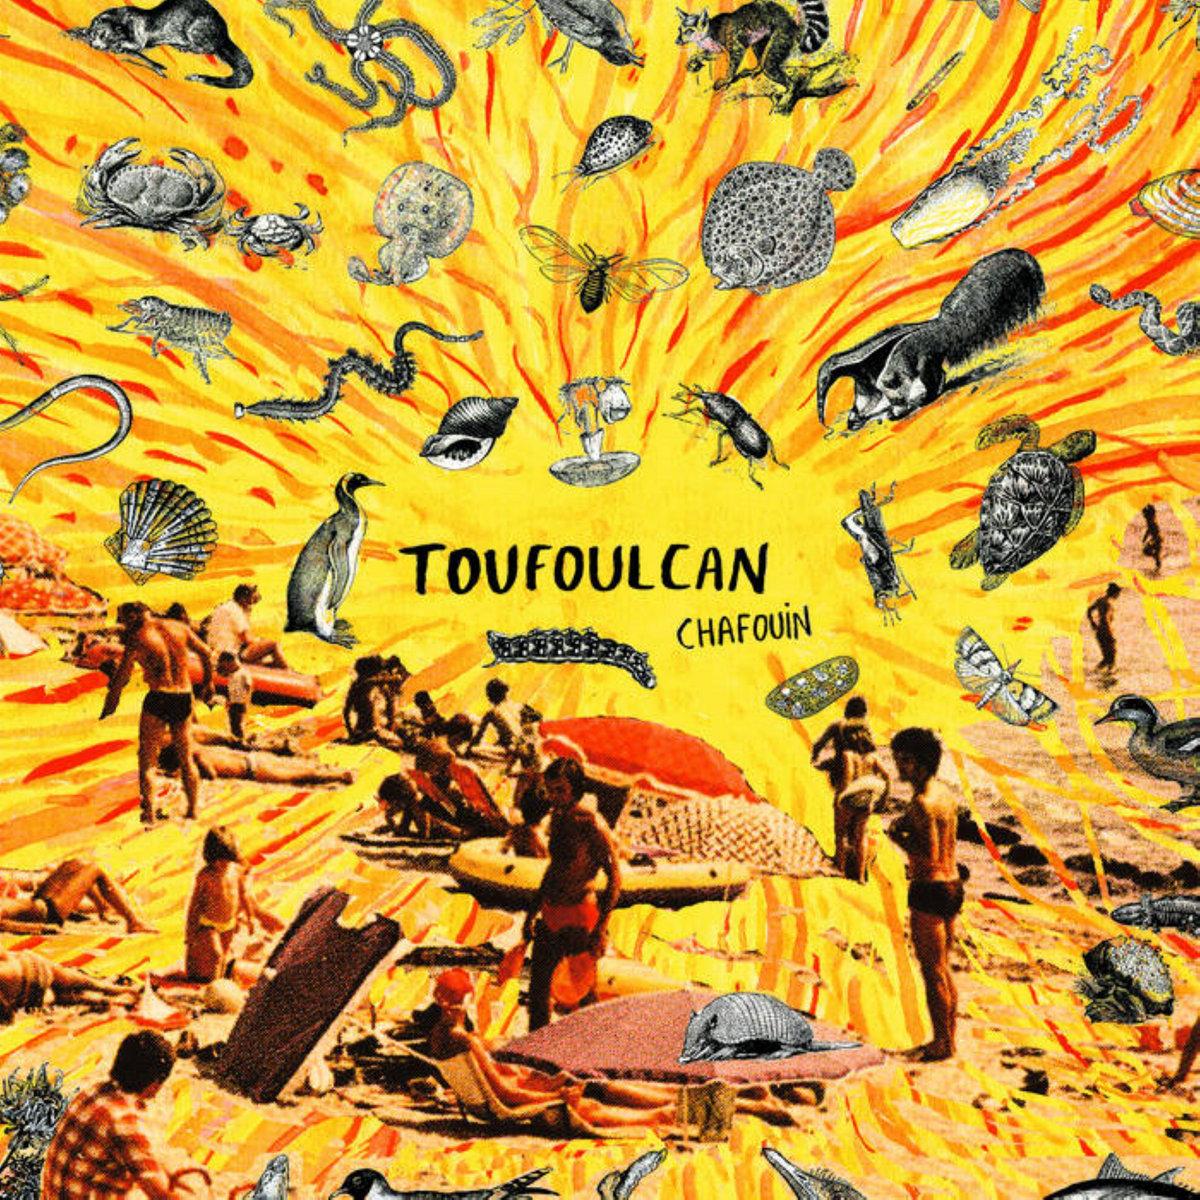 CHAFOUIN – Toufoulcan